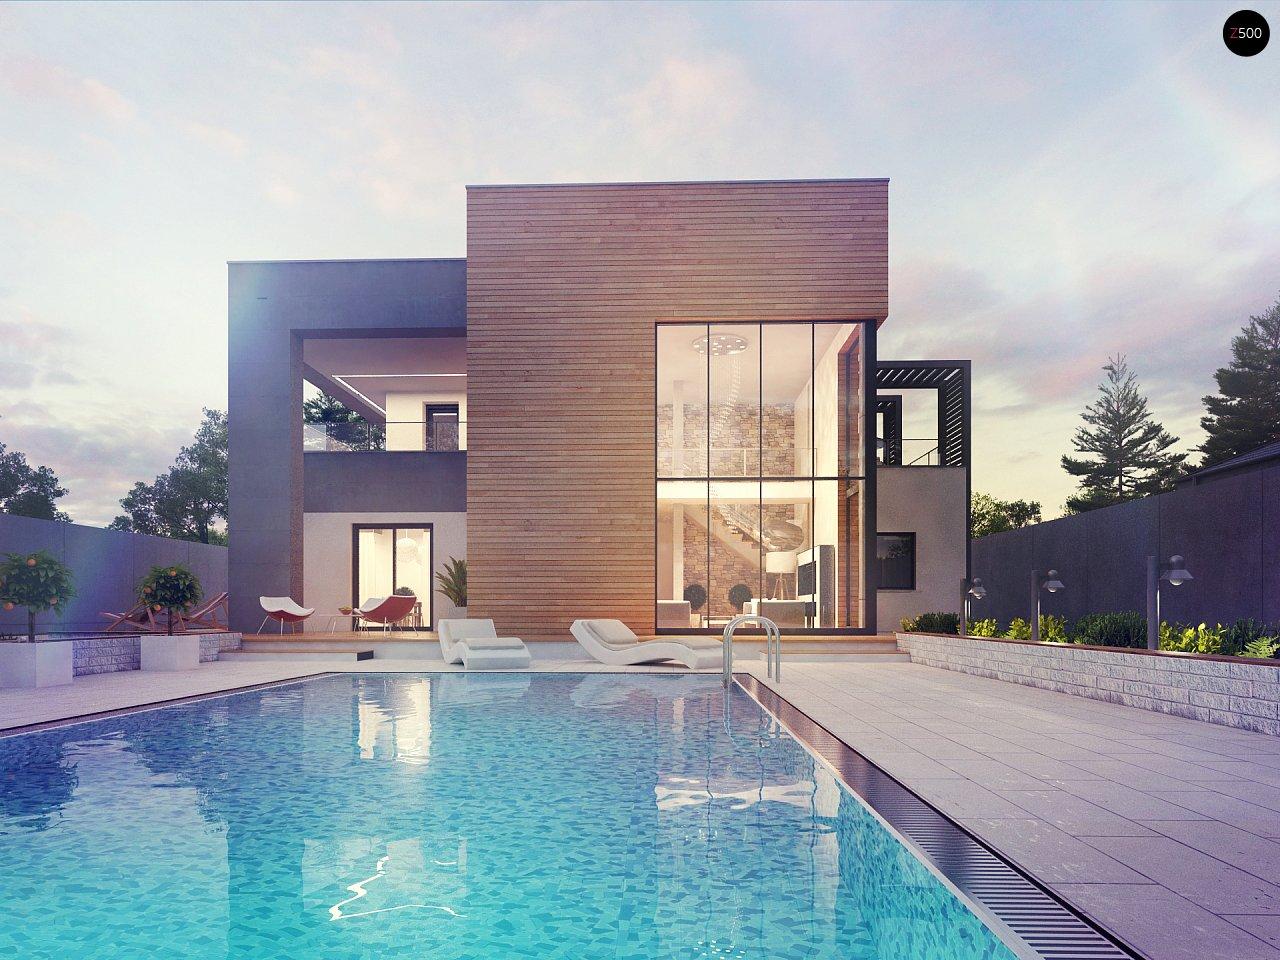 проекты домов и коттеджей с бассейном фото свои контакты